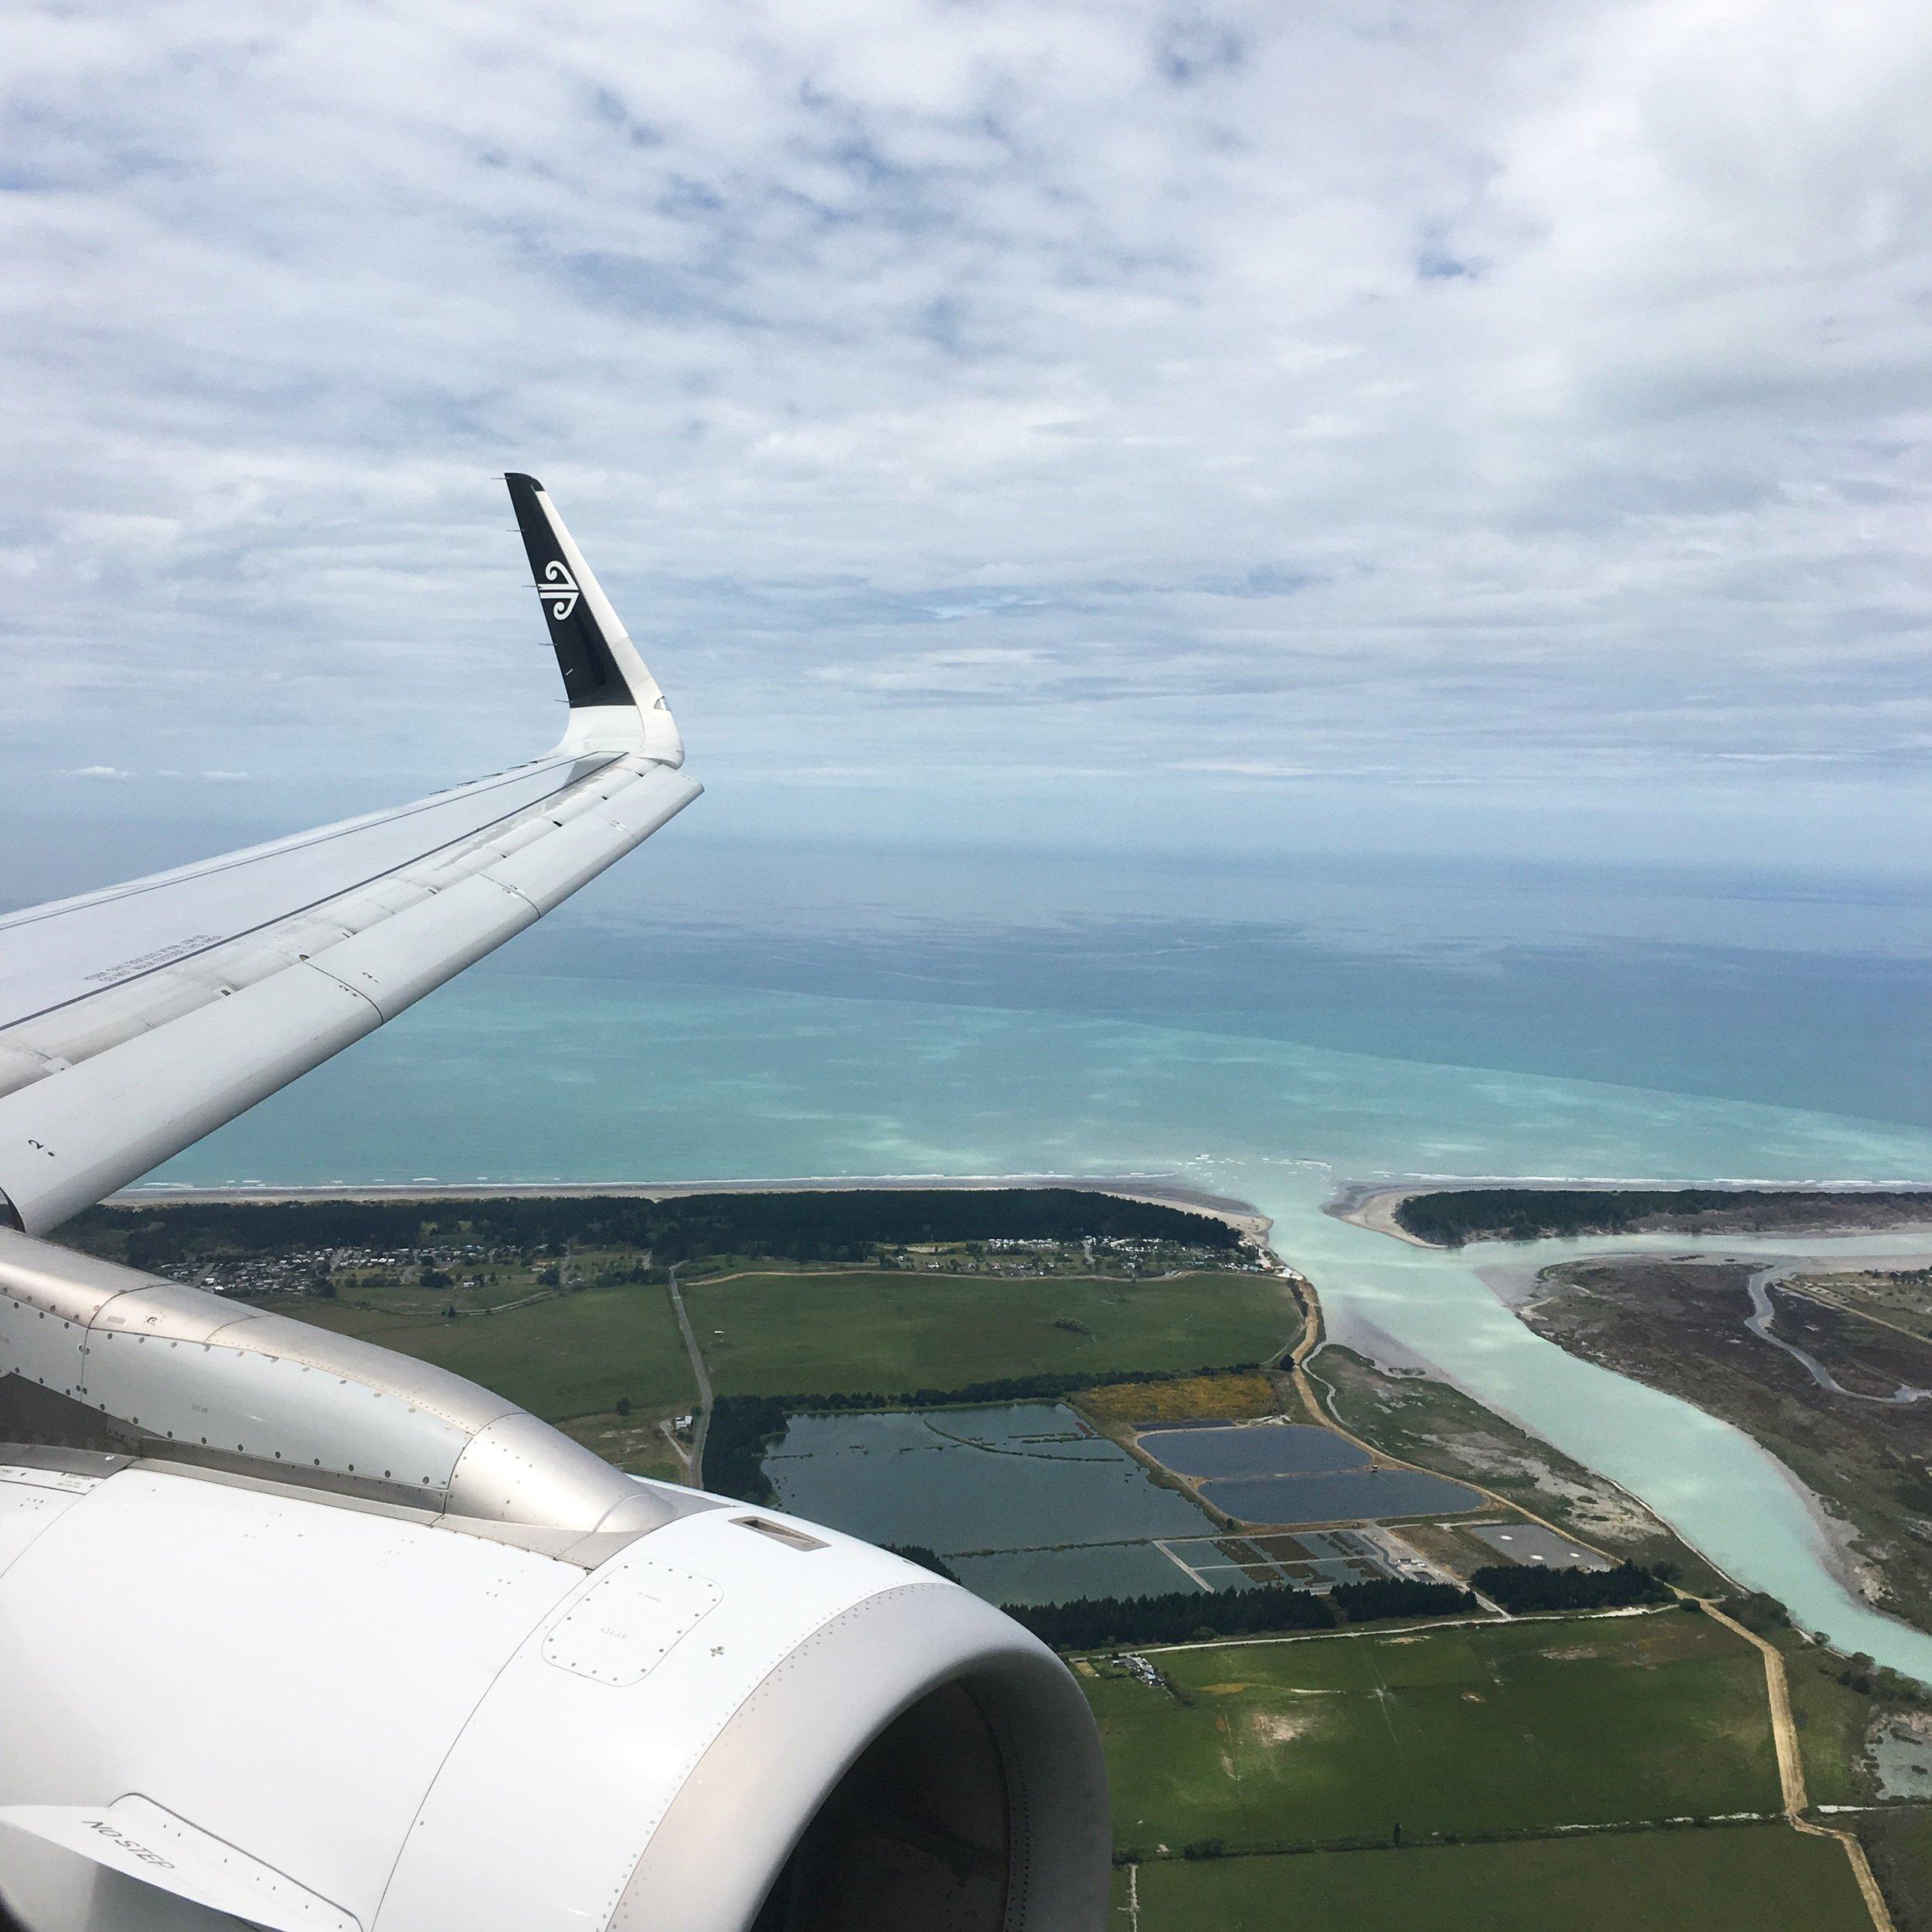 Lozidaze_NZ_AirNZ